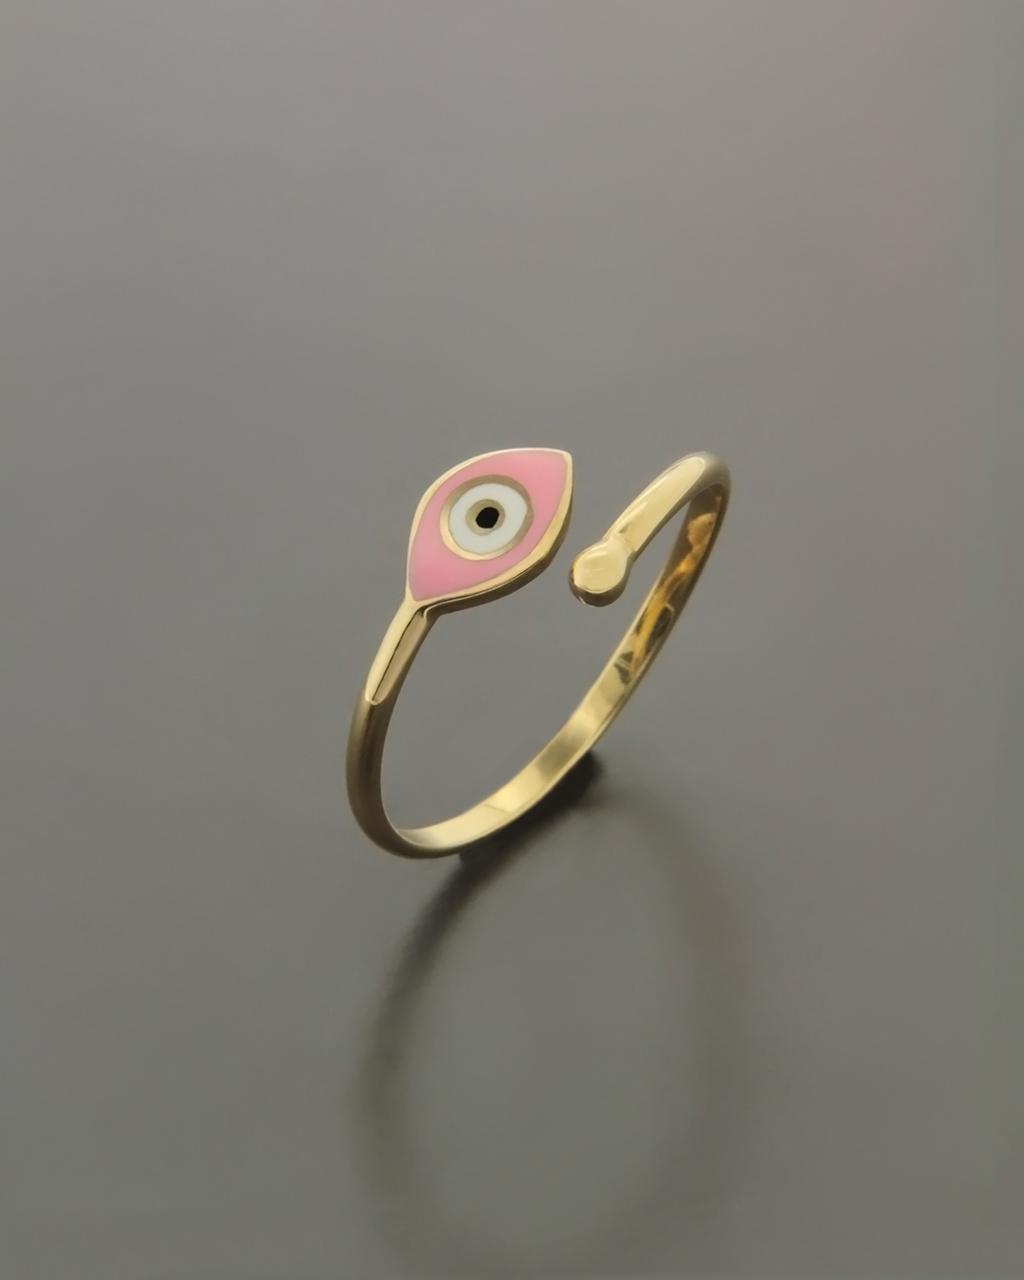 Παιδικό δαχτυλίδι χρυσό με Σμάλτο   παιδι δαχτυλίδια παιδικά